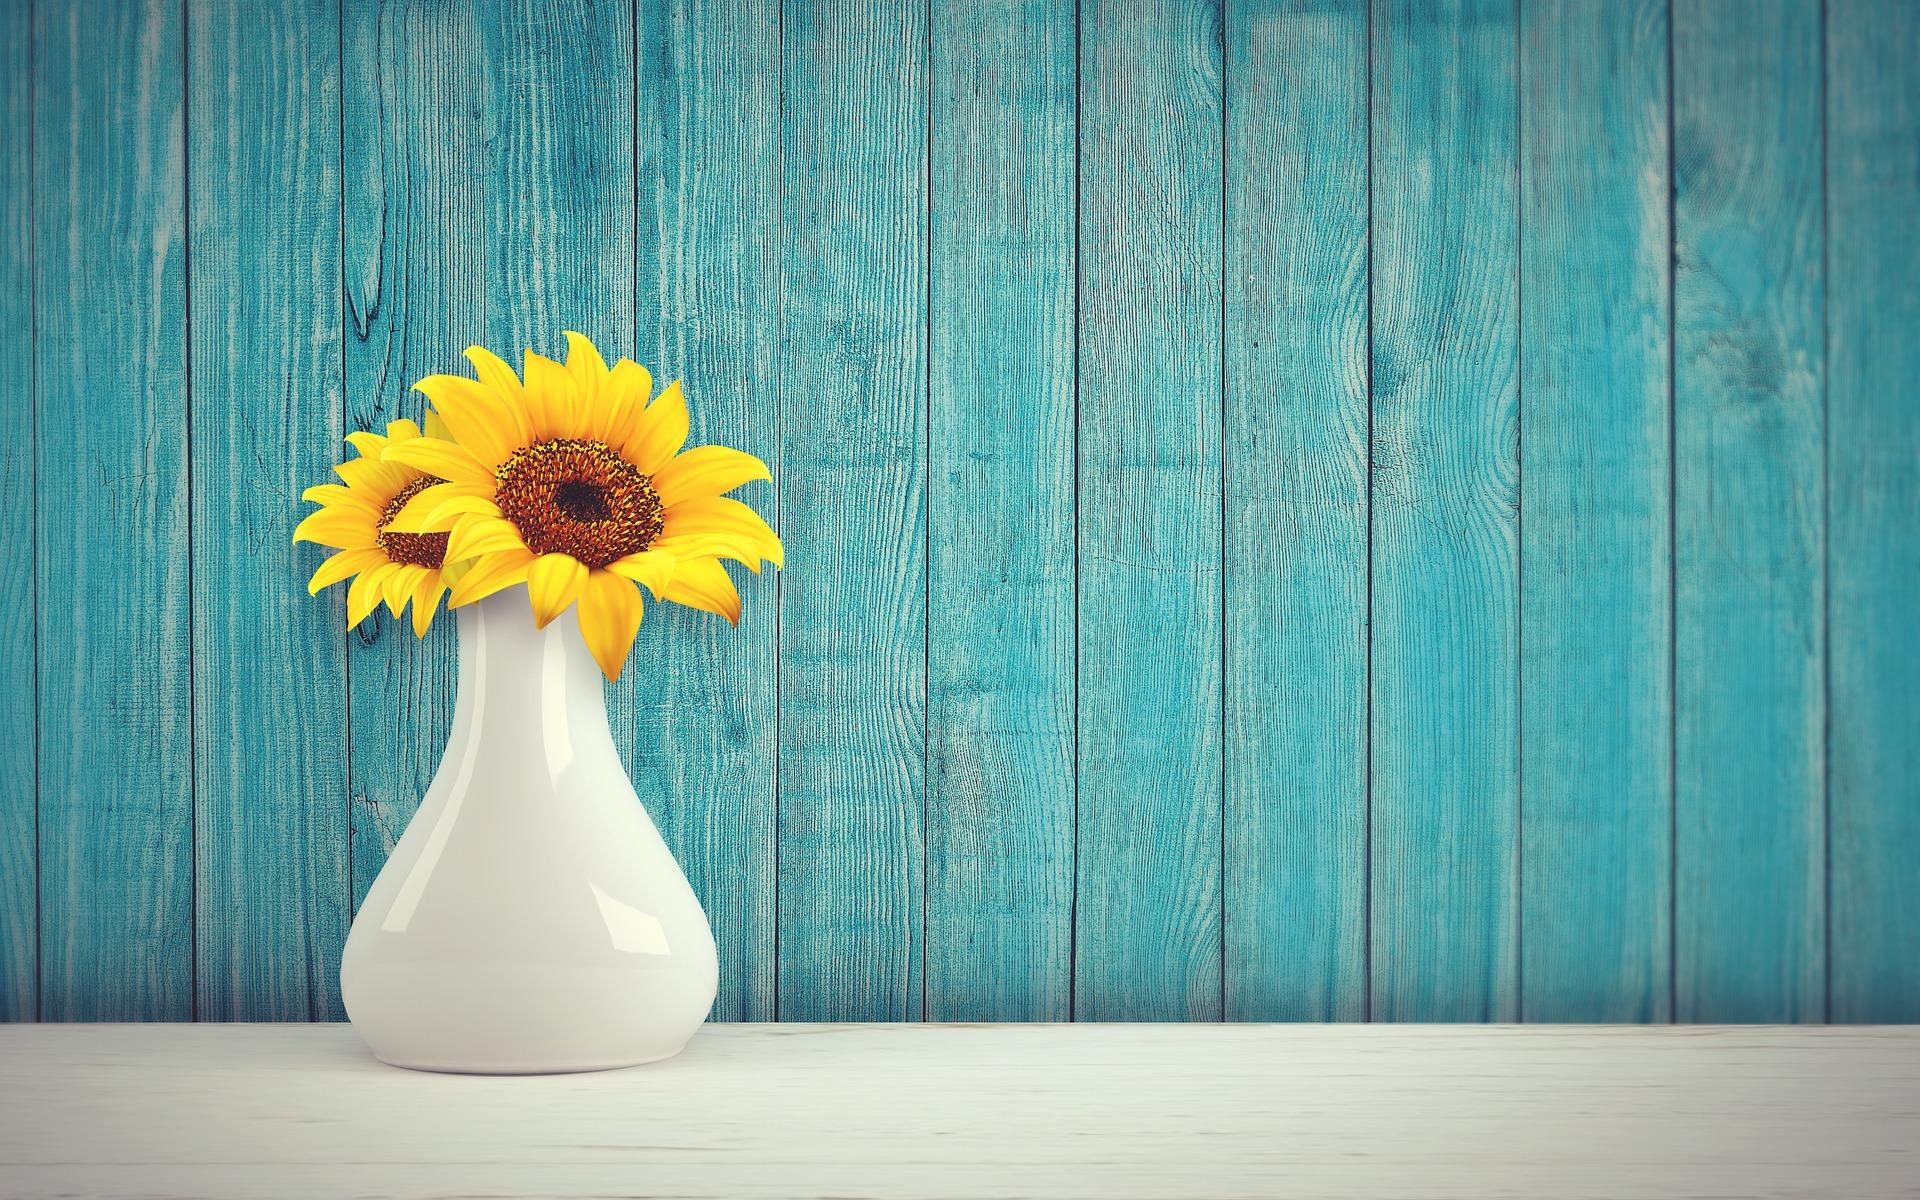 Auringonkukkia valkoisessa maljakossa.